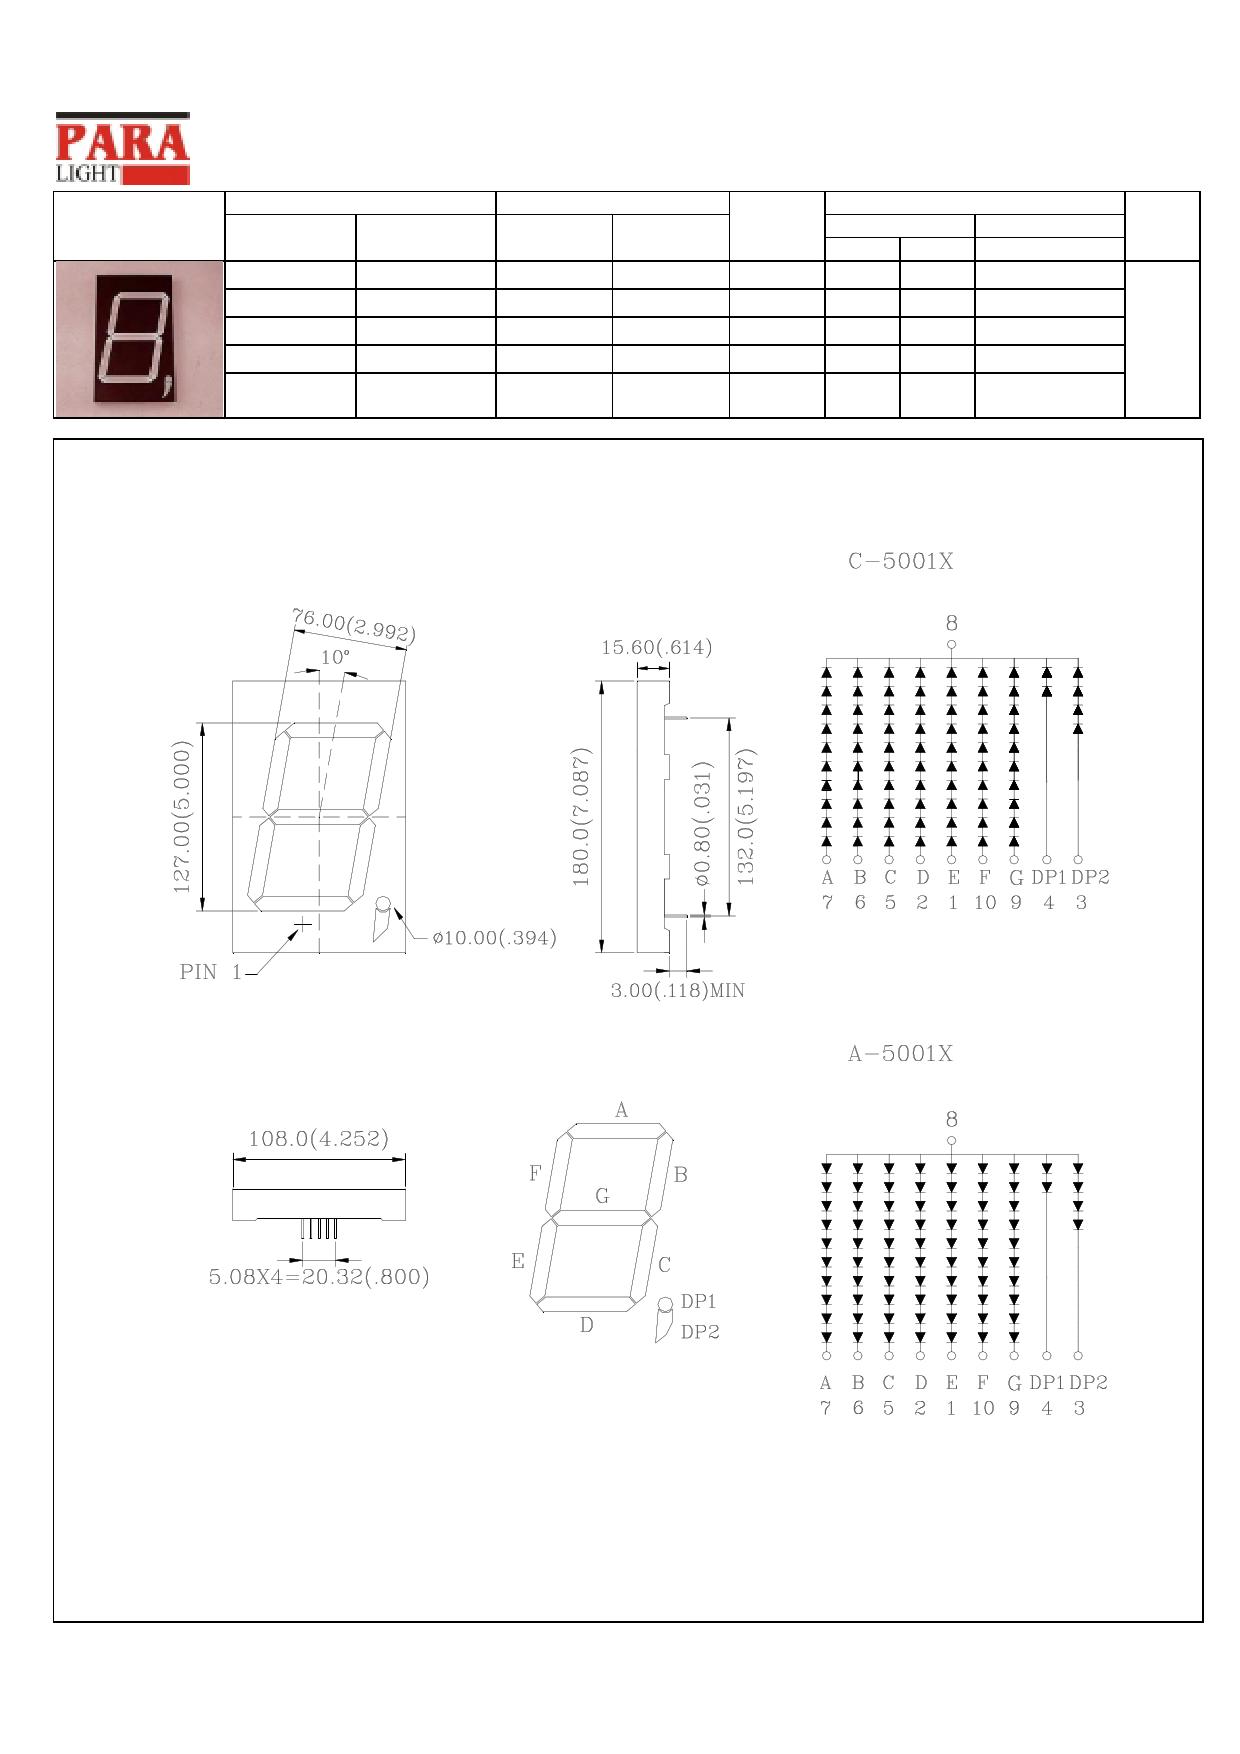 C-5001G datasheet